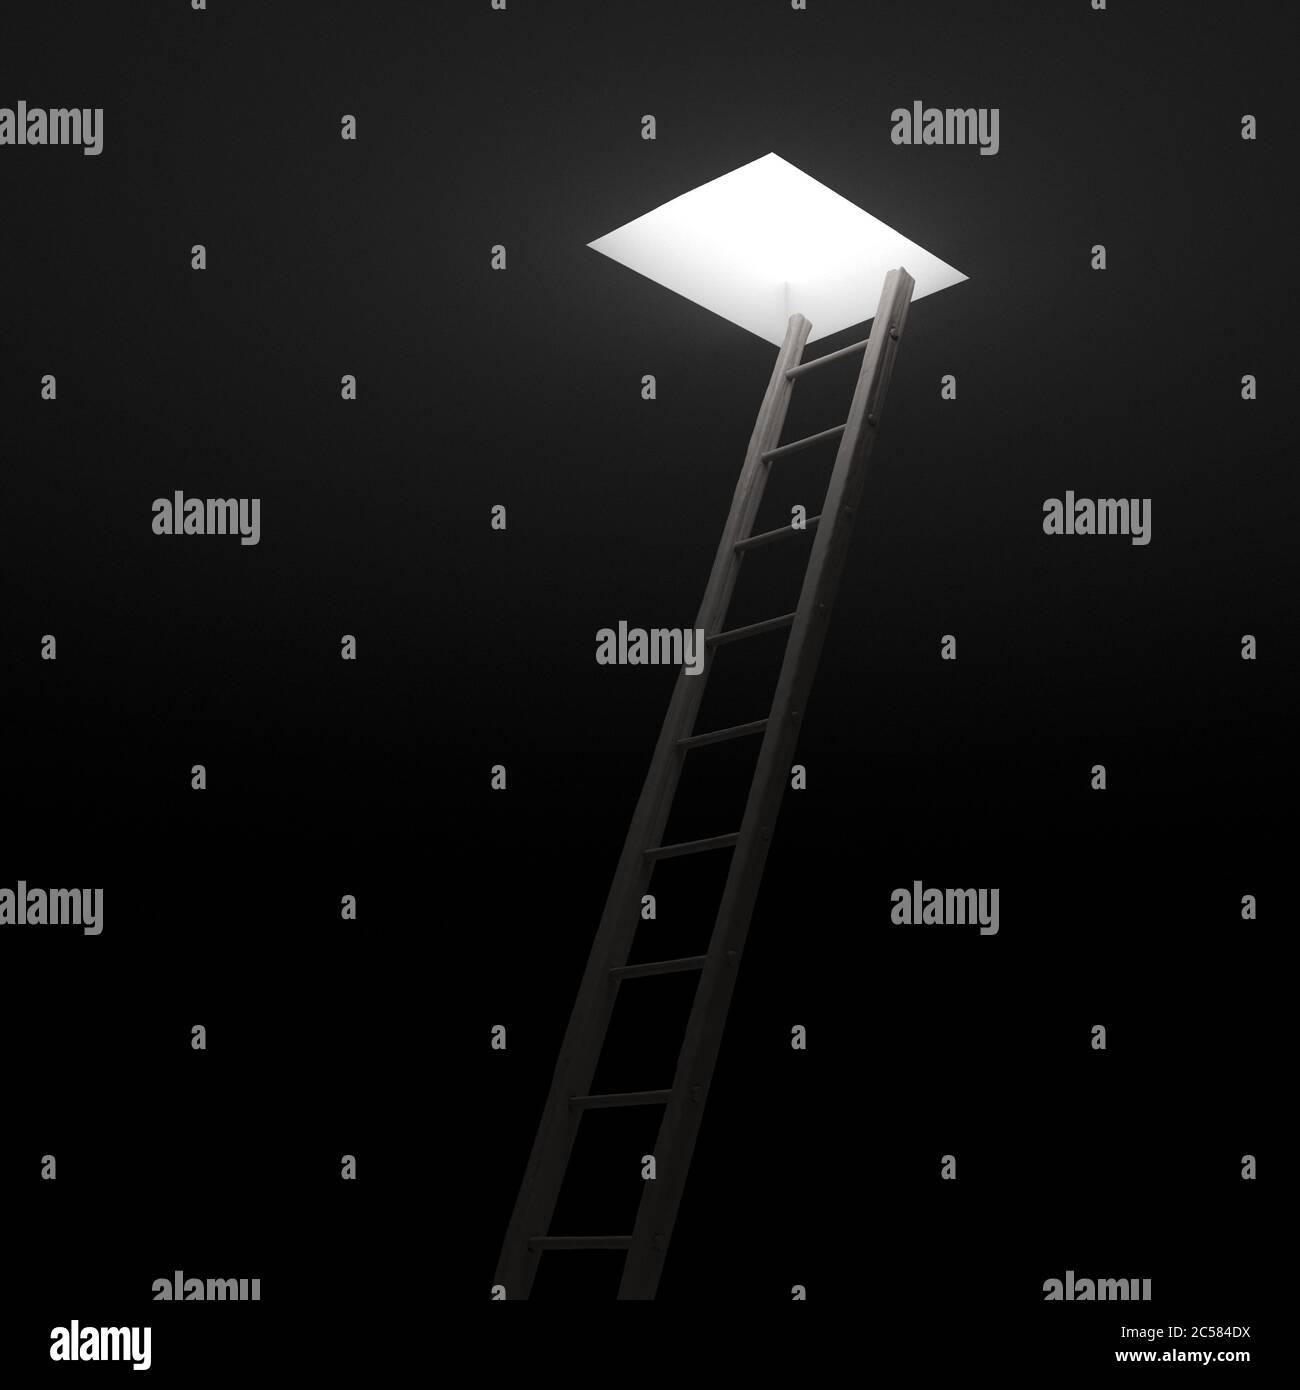 Échelle menant à la lumière. Rendu 3d. Concept de liberté. Banque D'Images